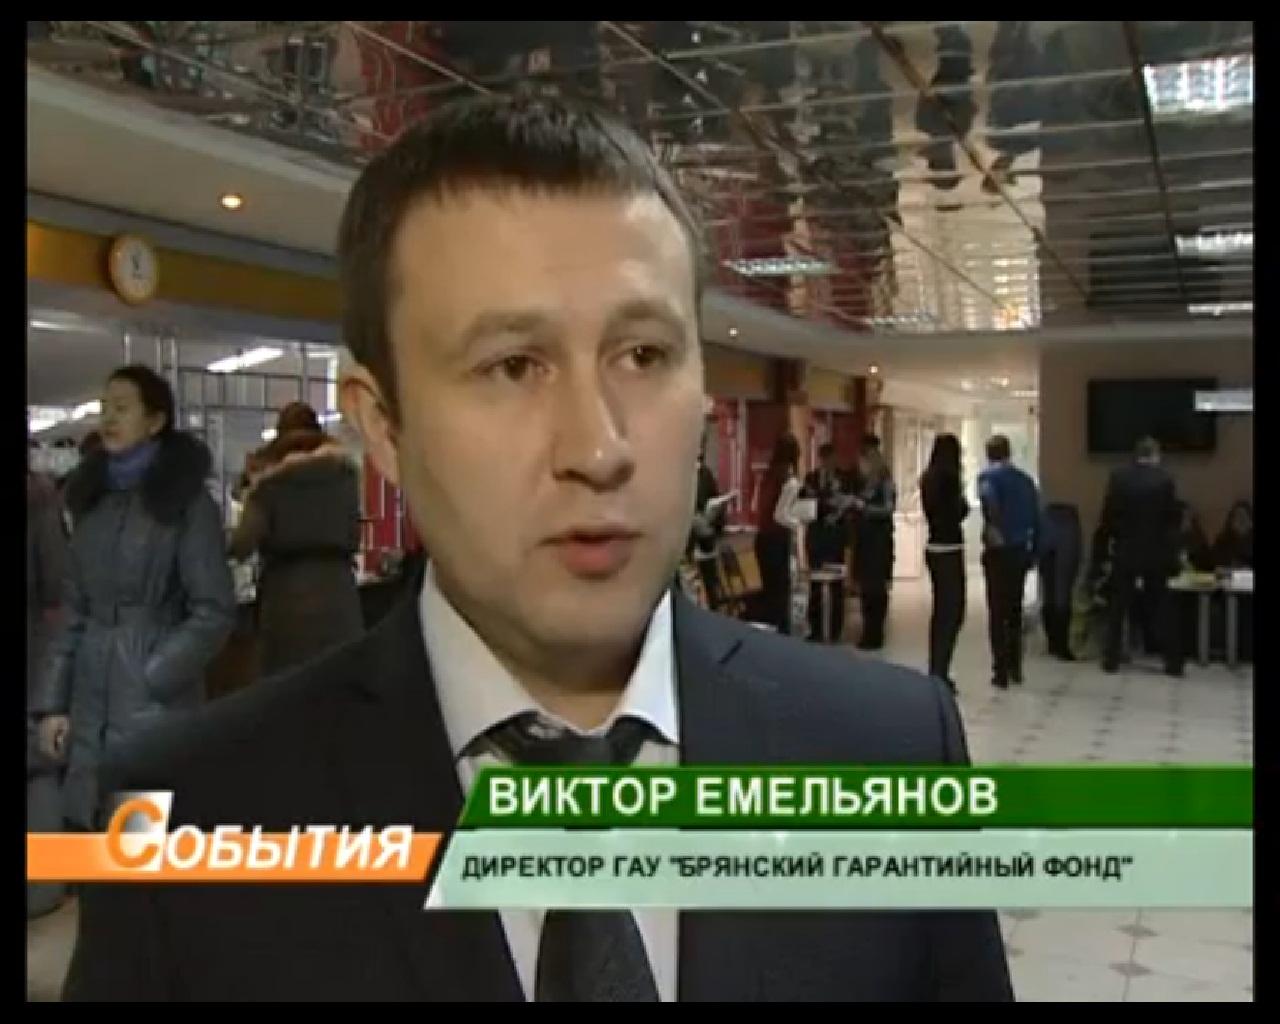 Областная конференция предрпринимателей Брянской области